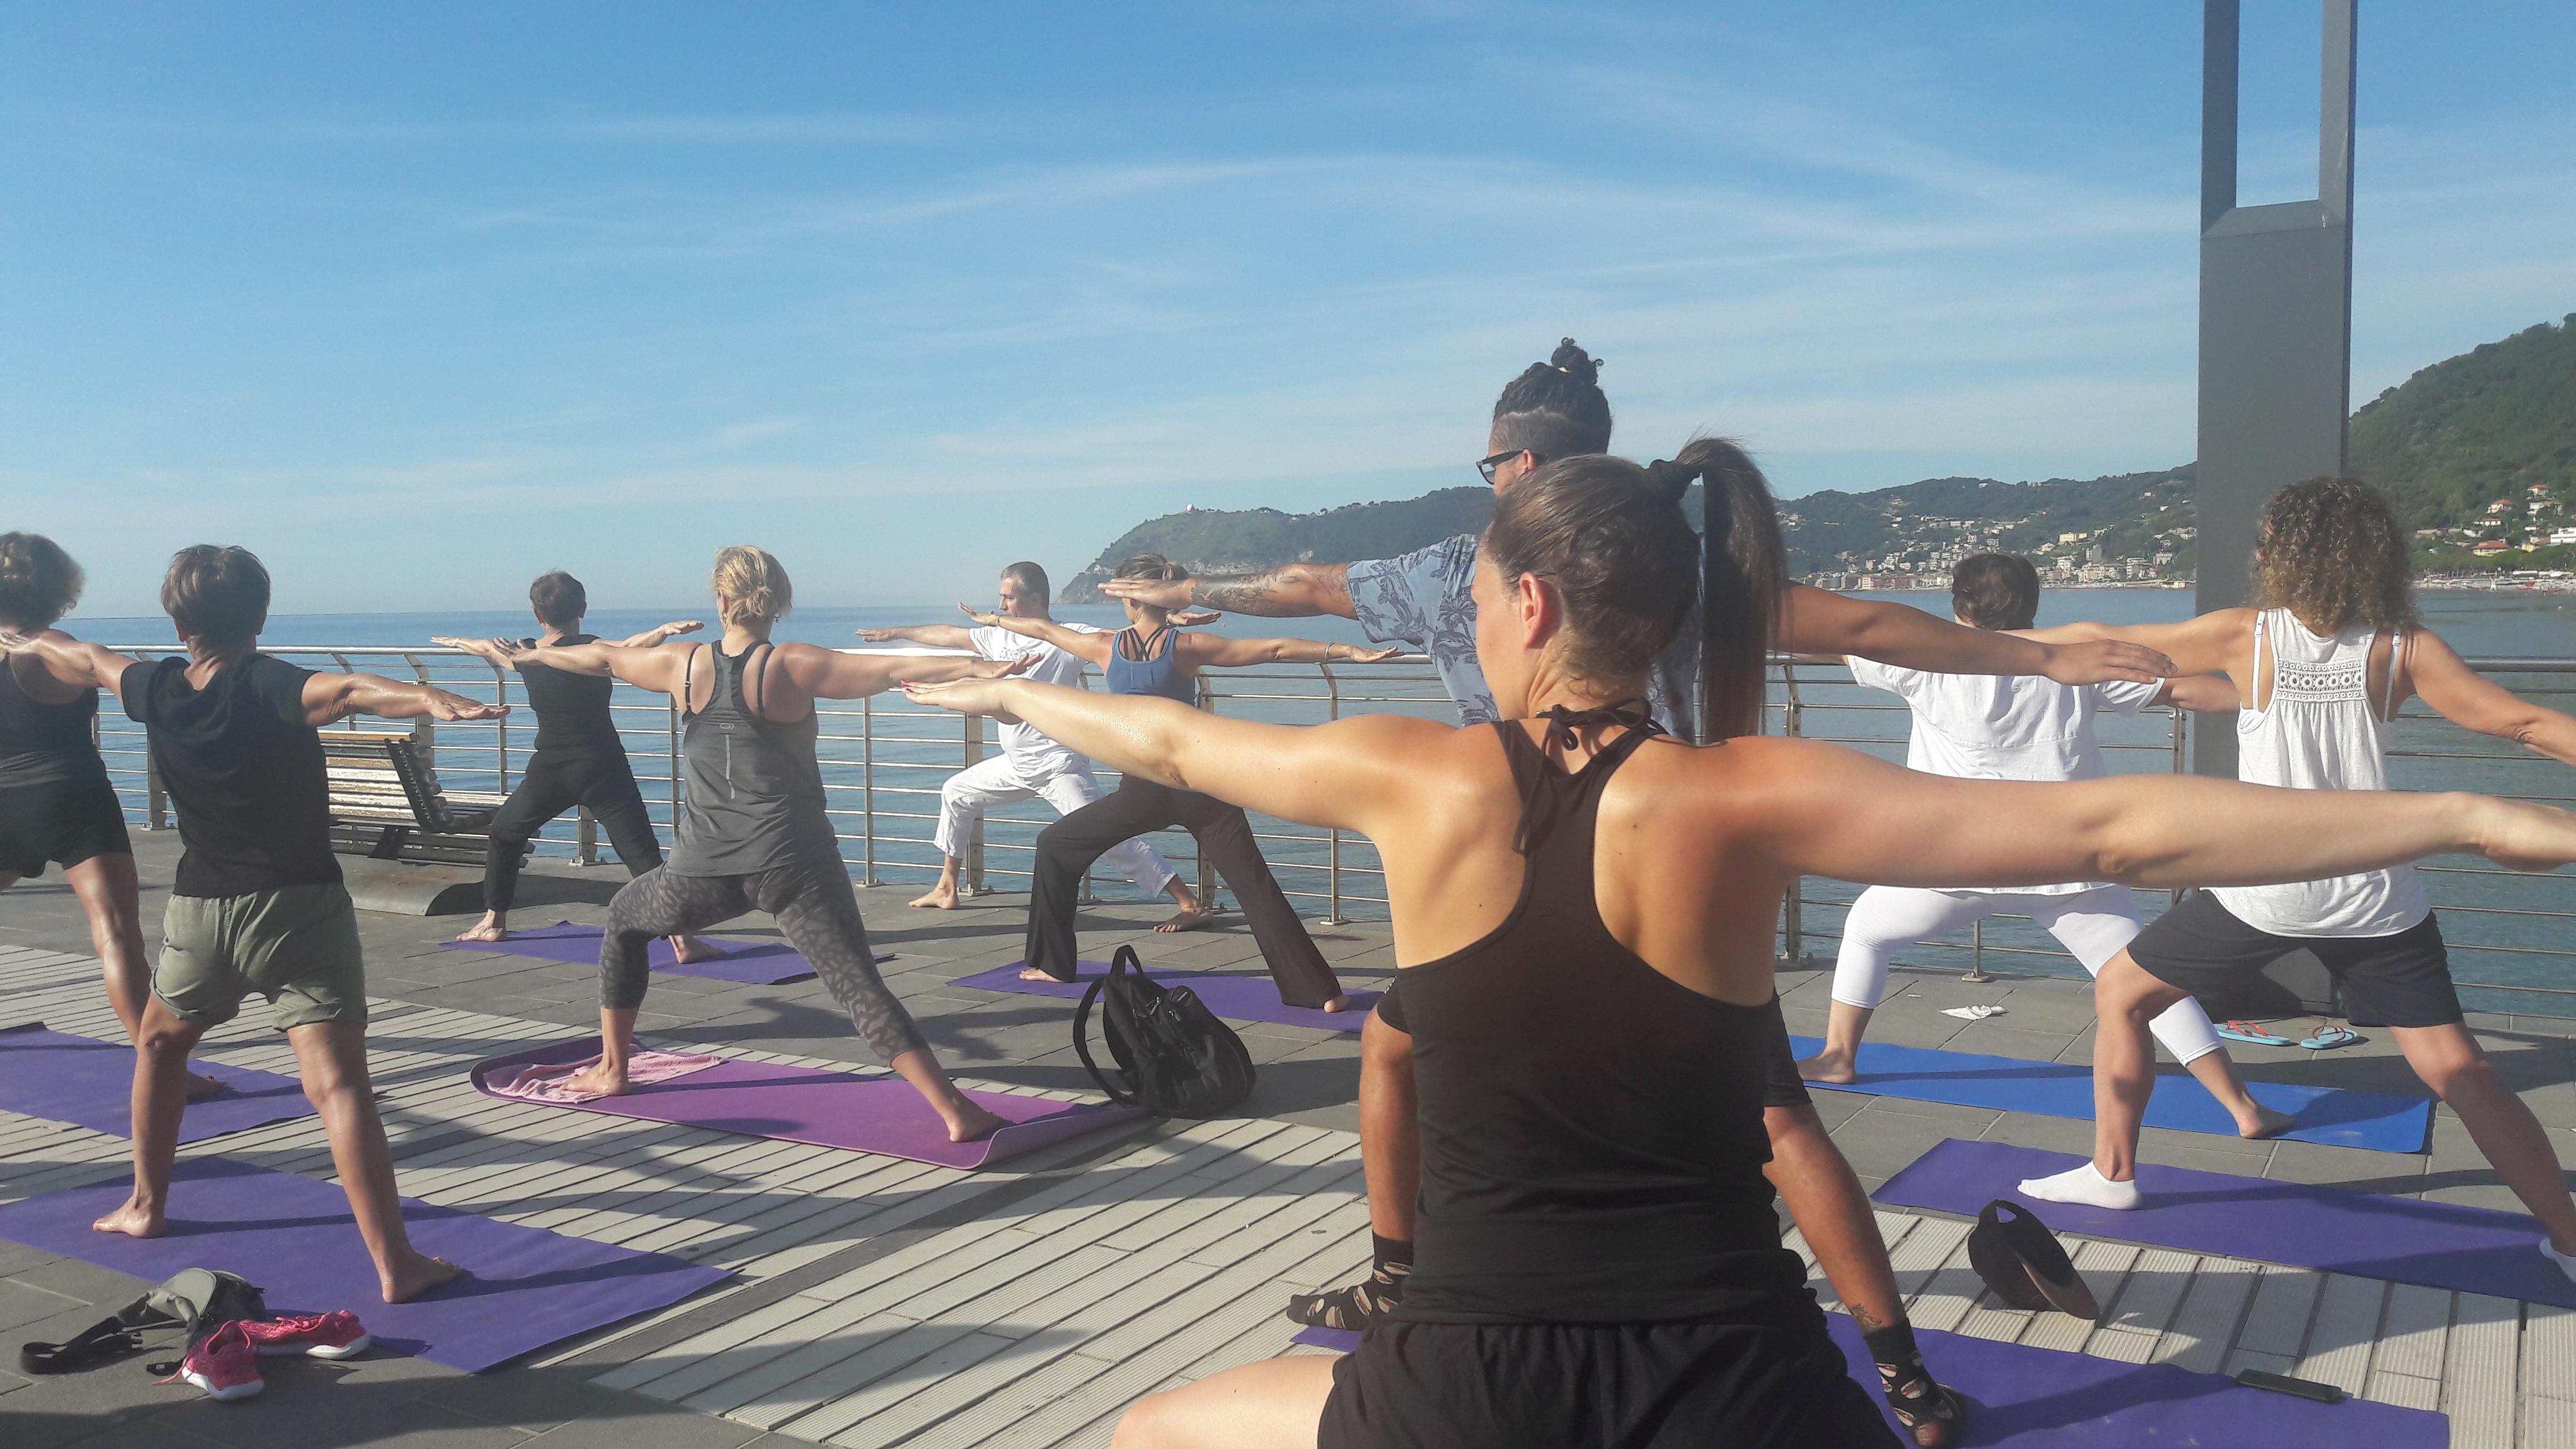 1_essere-free-yoga-gratuito-benessere-per-tutti-village-citta-alassio-estate-lucia-ragazzi-summer-town-wellness-004